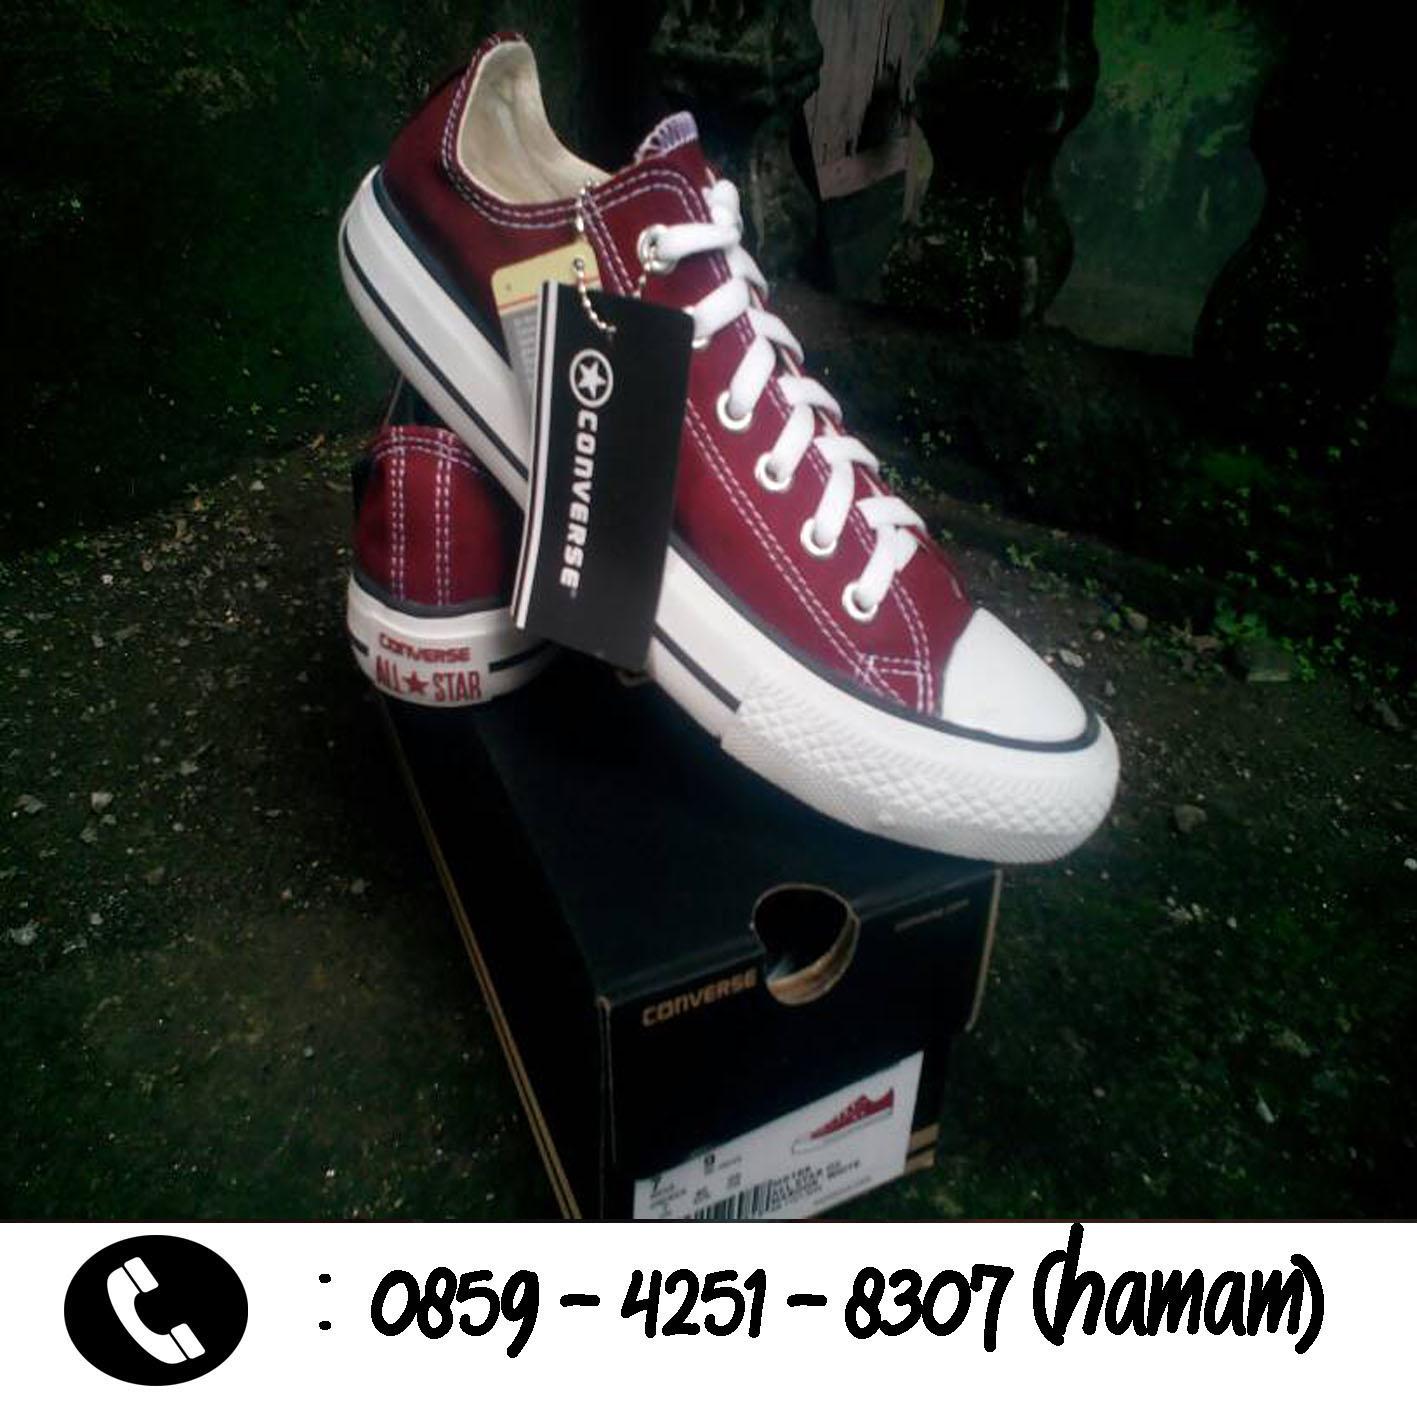 Jual Sepatu Converse All Star Indonesia Murah - Jual Sepatu Converse ... b2b1daef5f